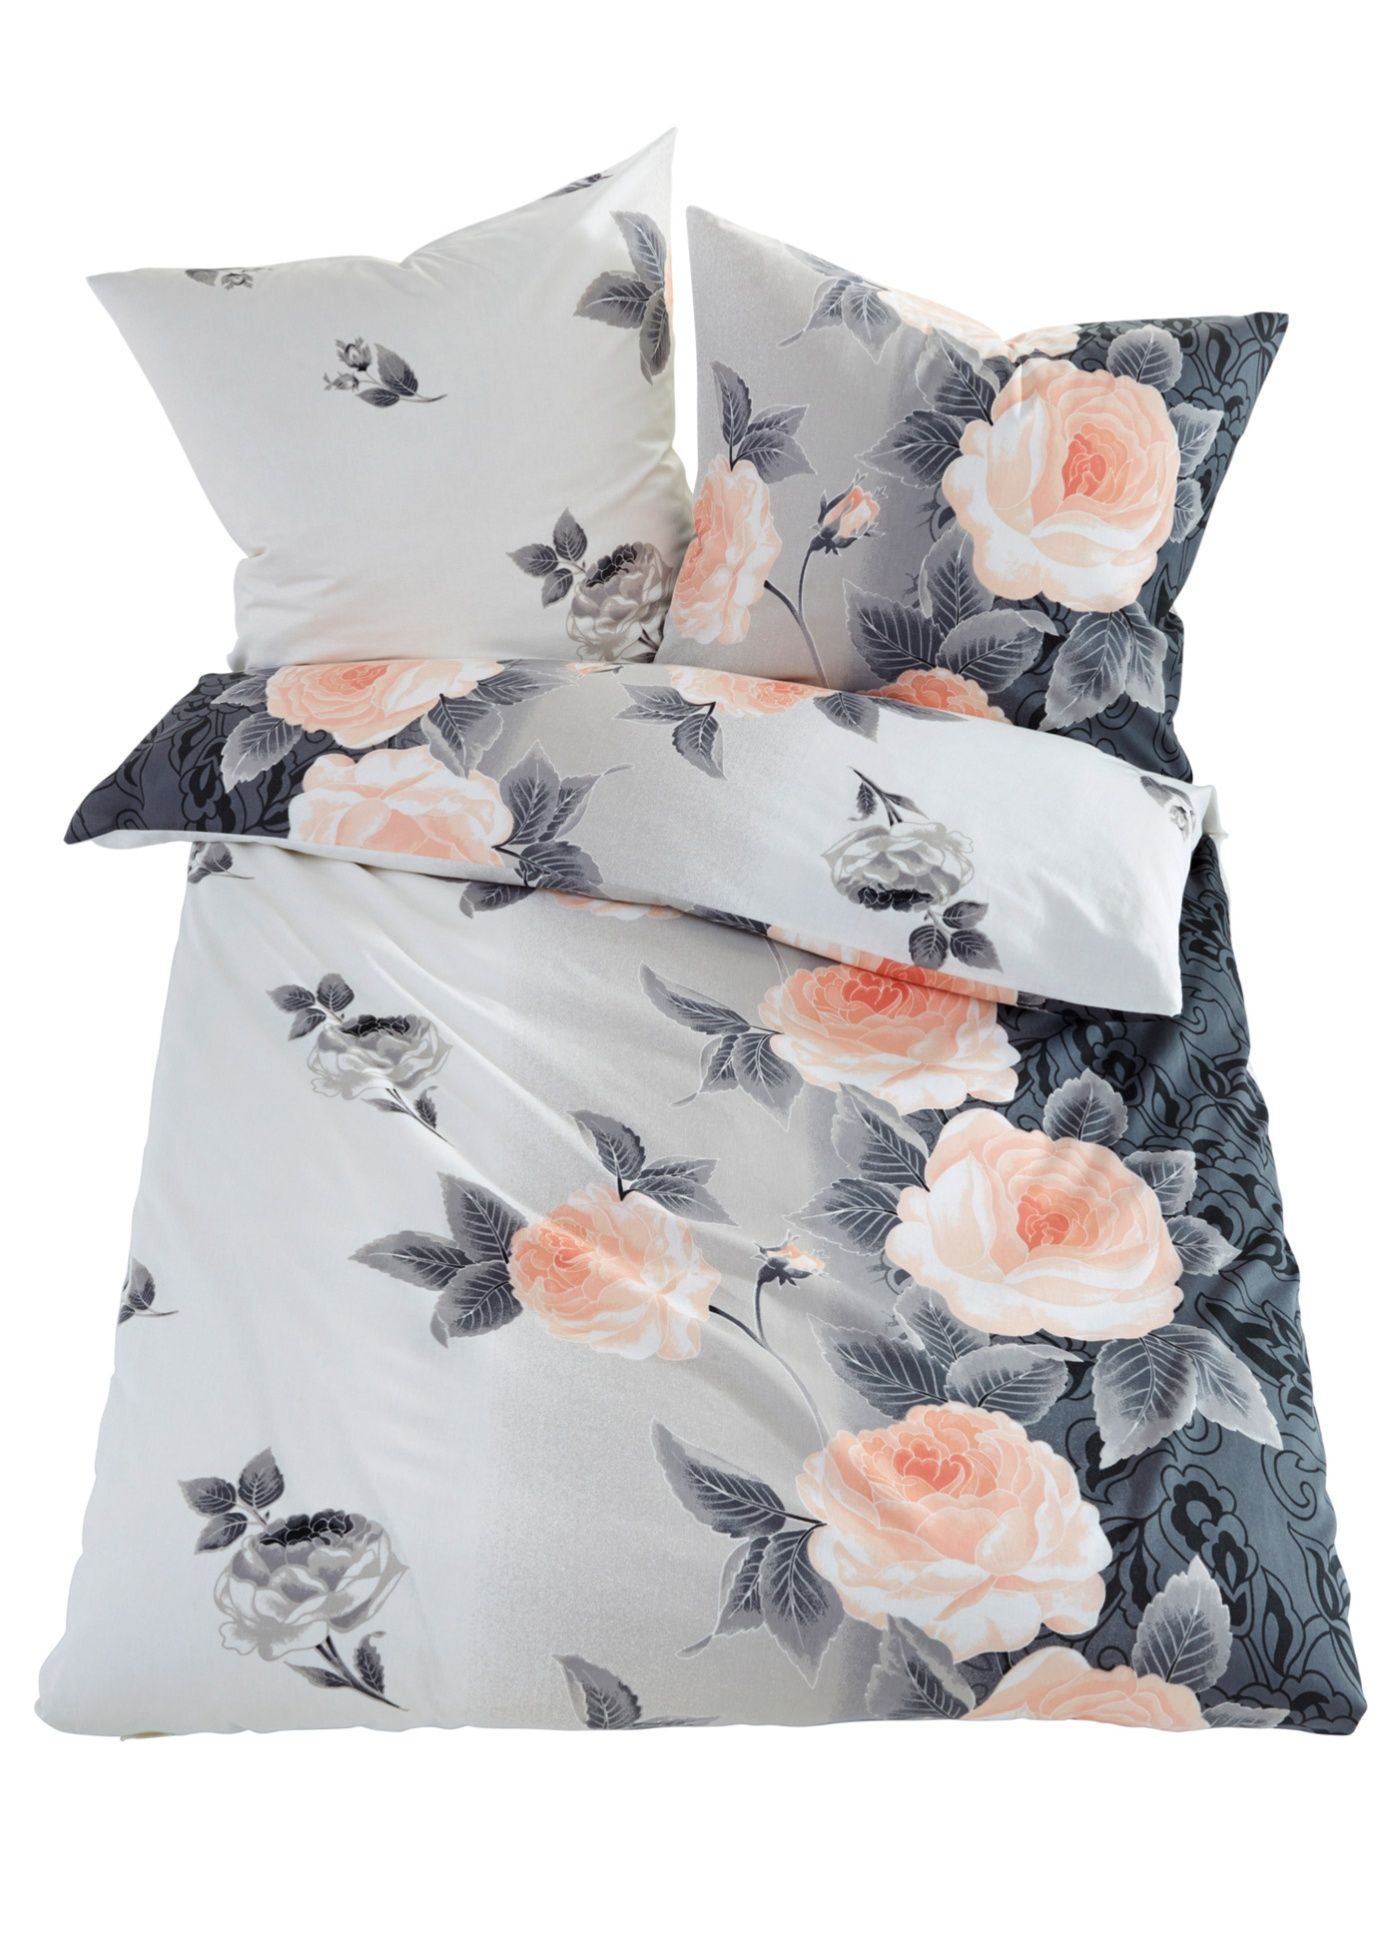 Bettwasche Romy Bettwasche Blumenbettwasche Bettwasche Blumen